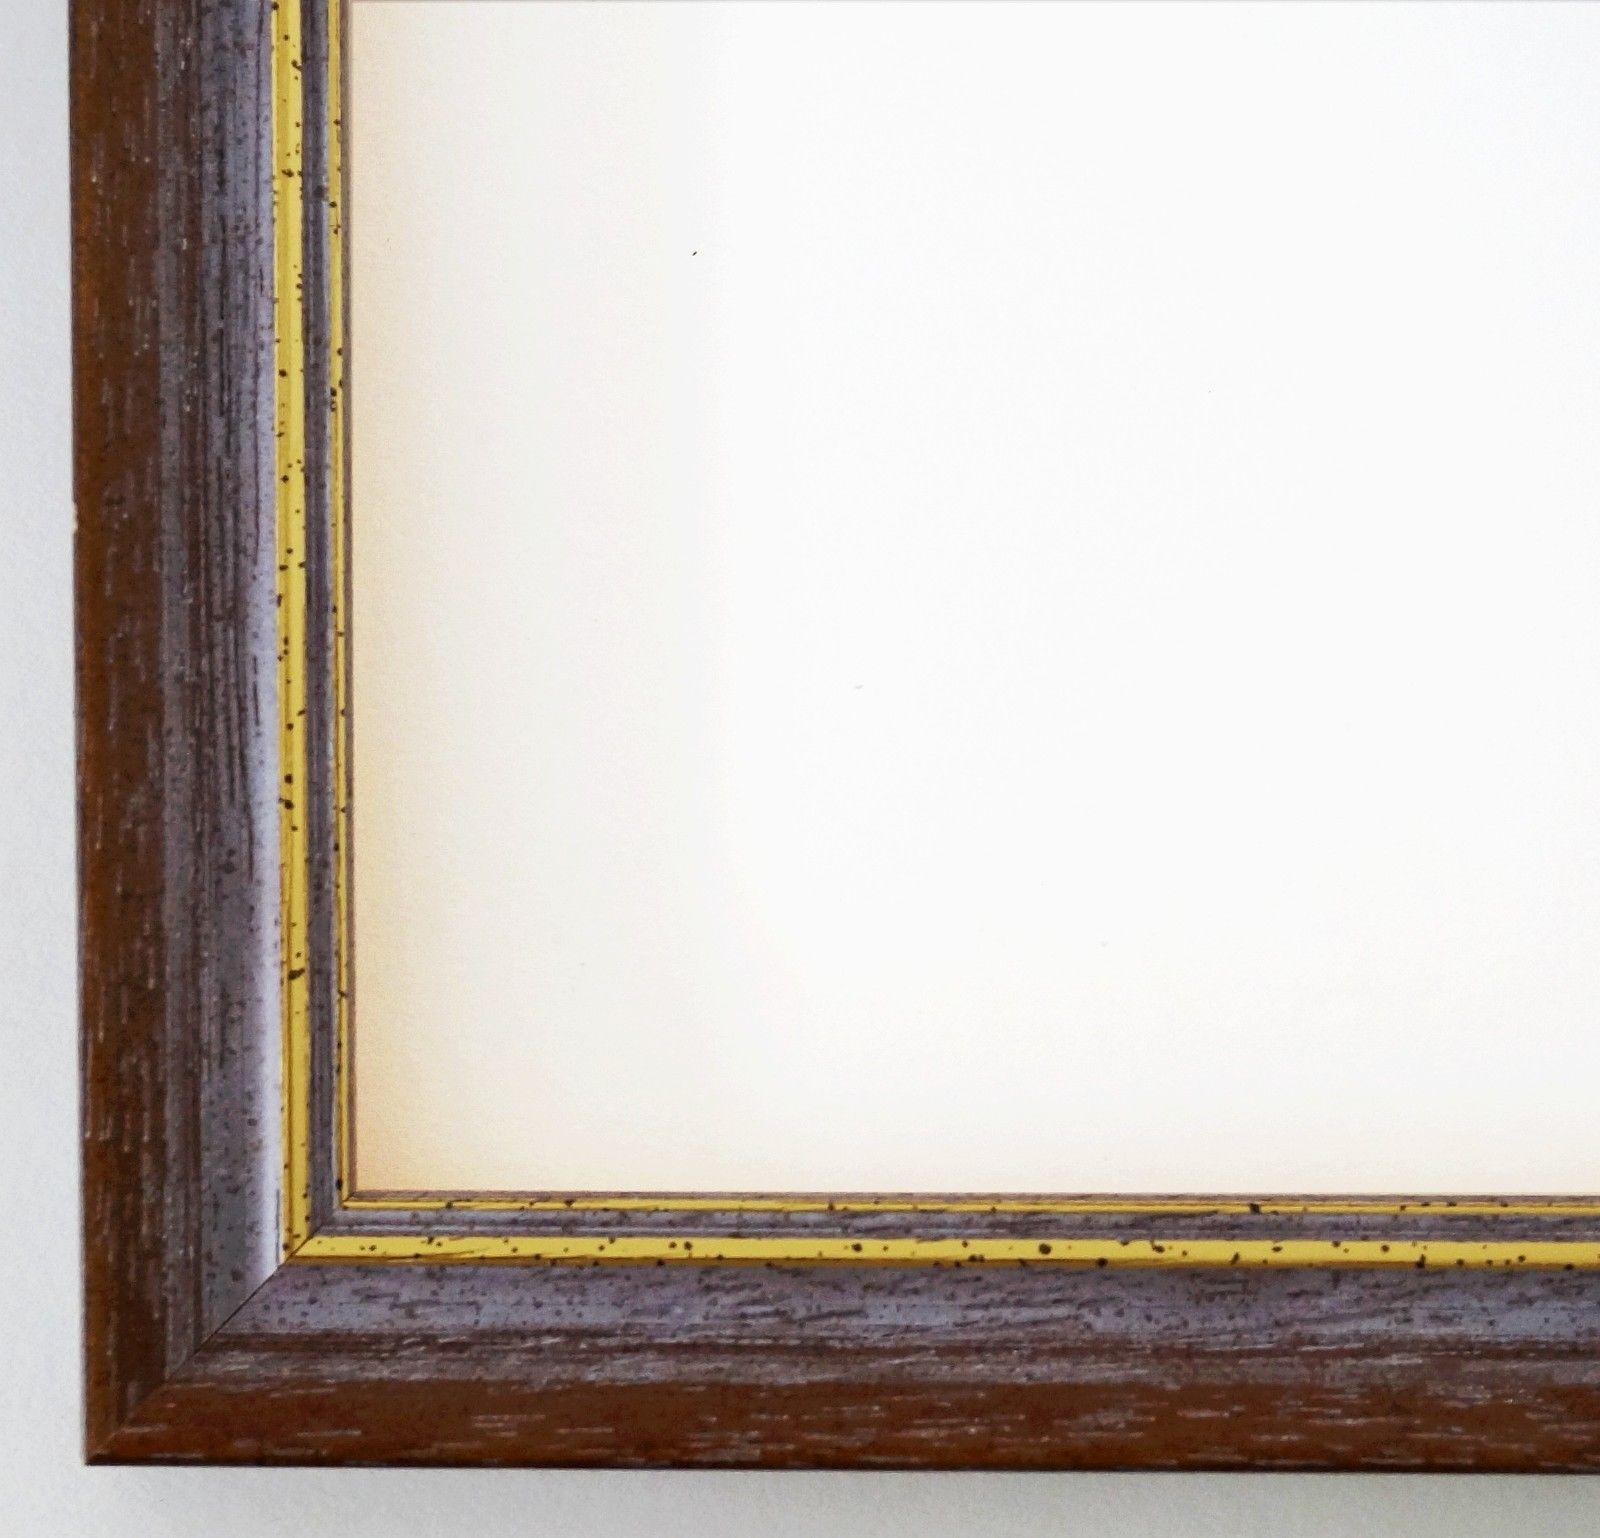 Bilderrahmen Braun Gold Antik Rahmen Klassisch Braunschweig 2, 5 ...